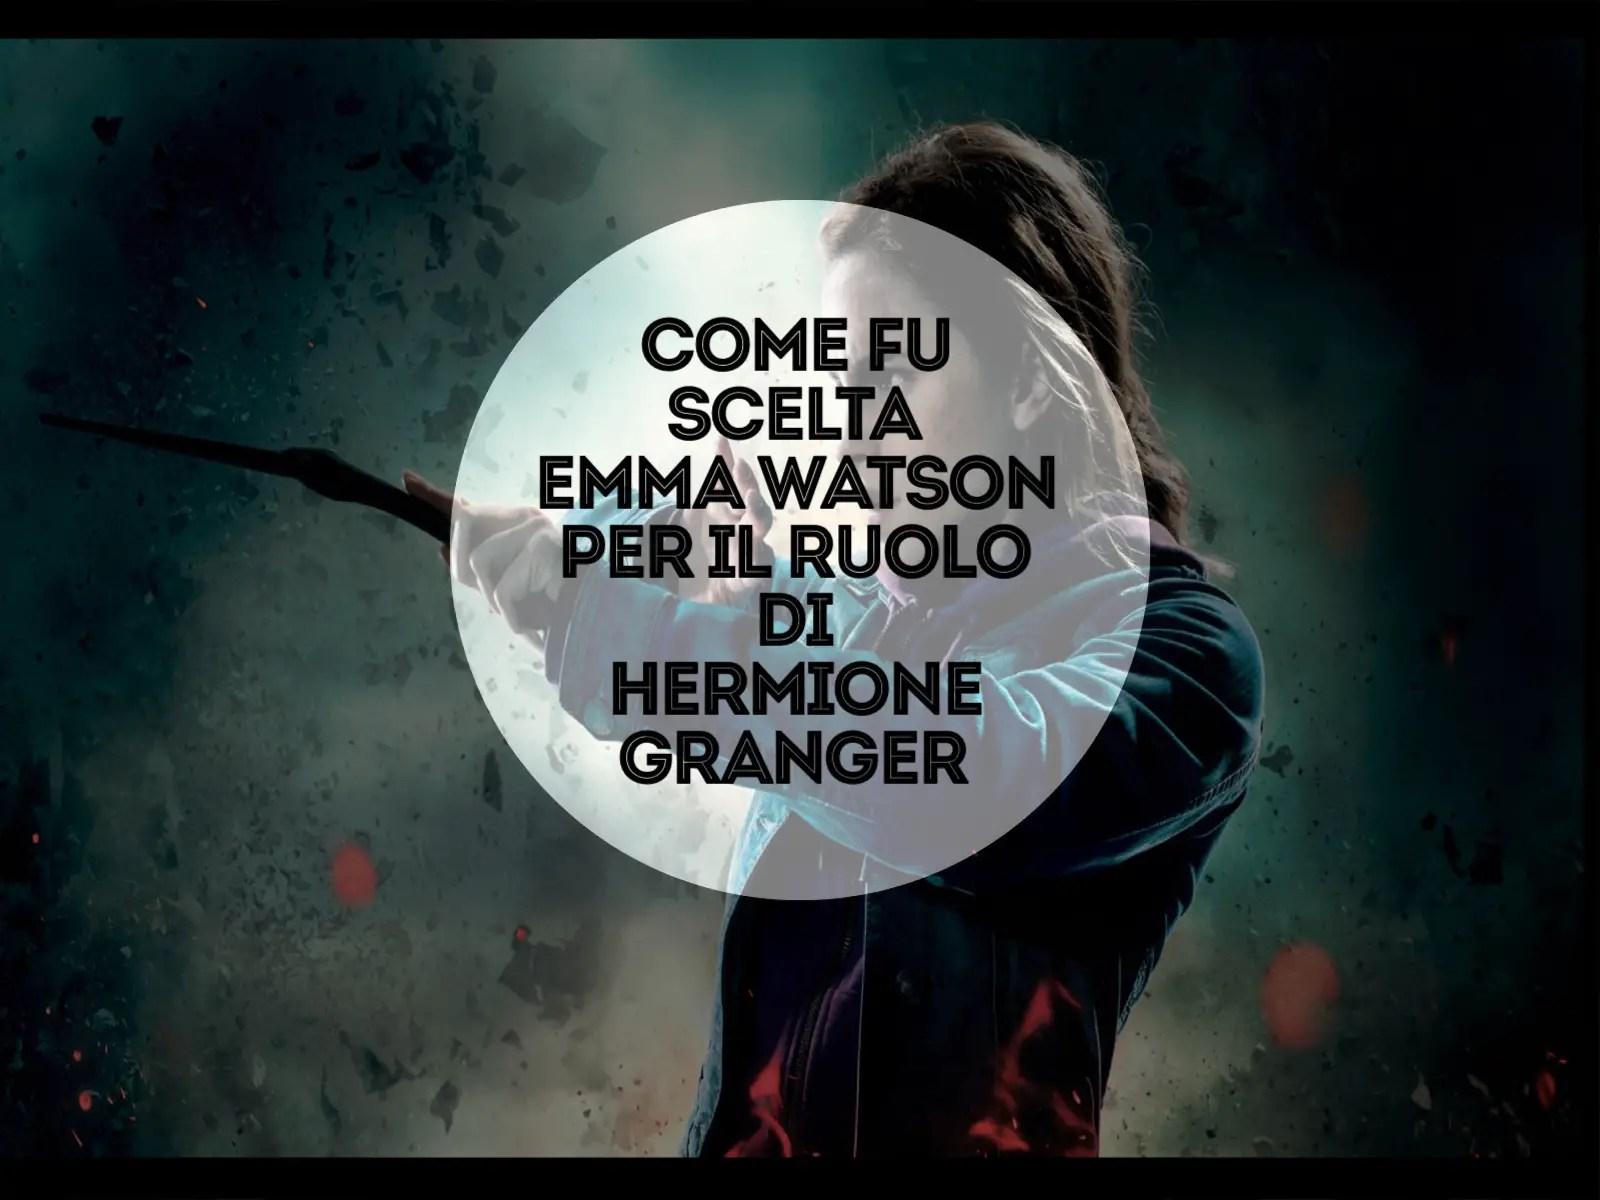 Emma Watson, Hermione